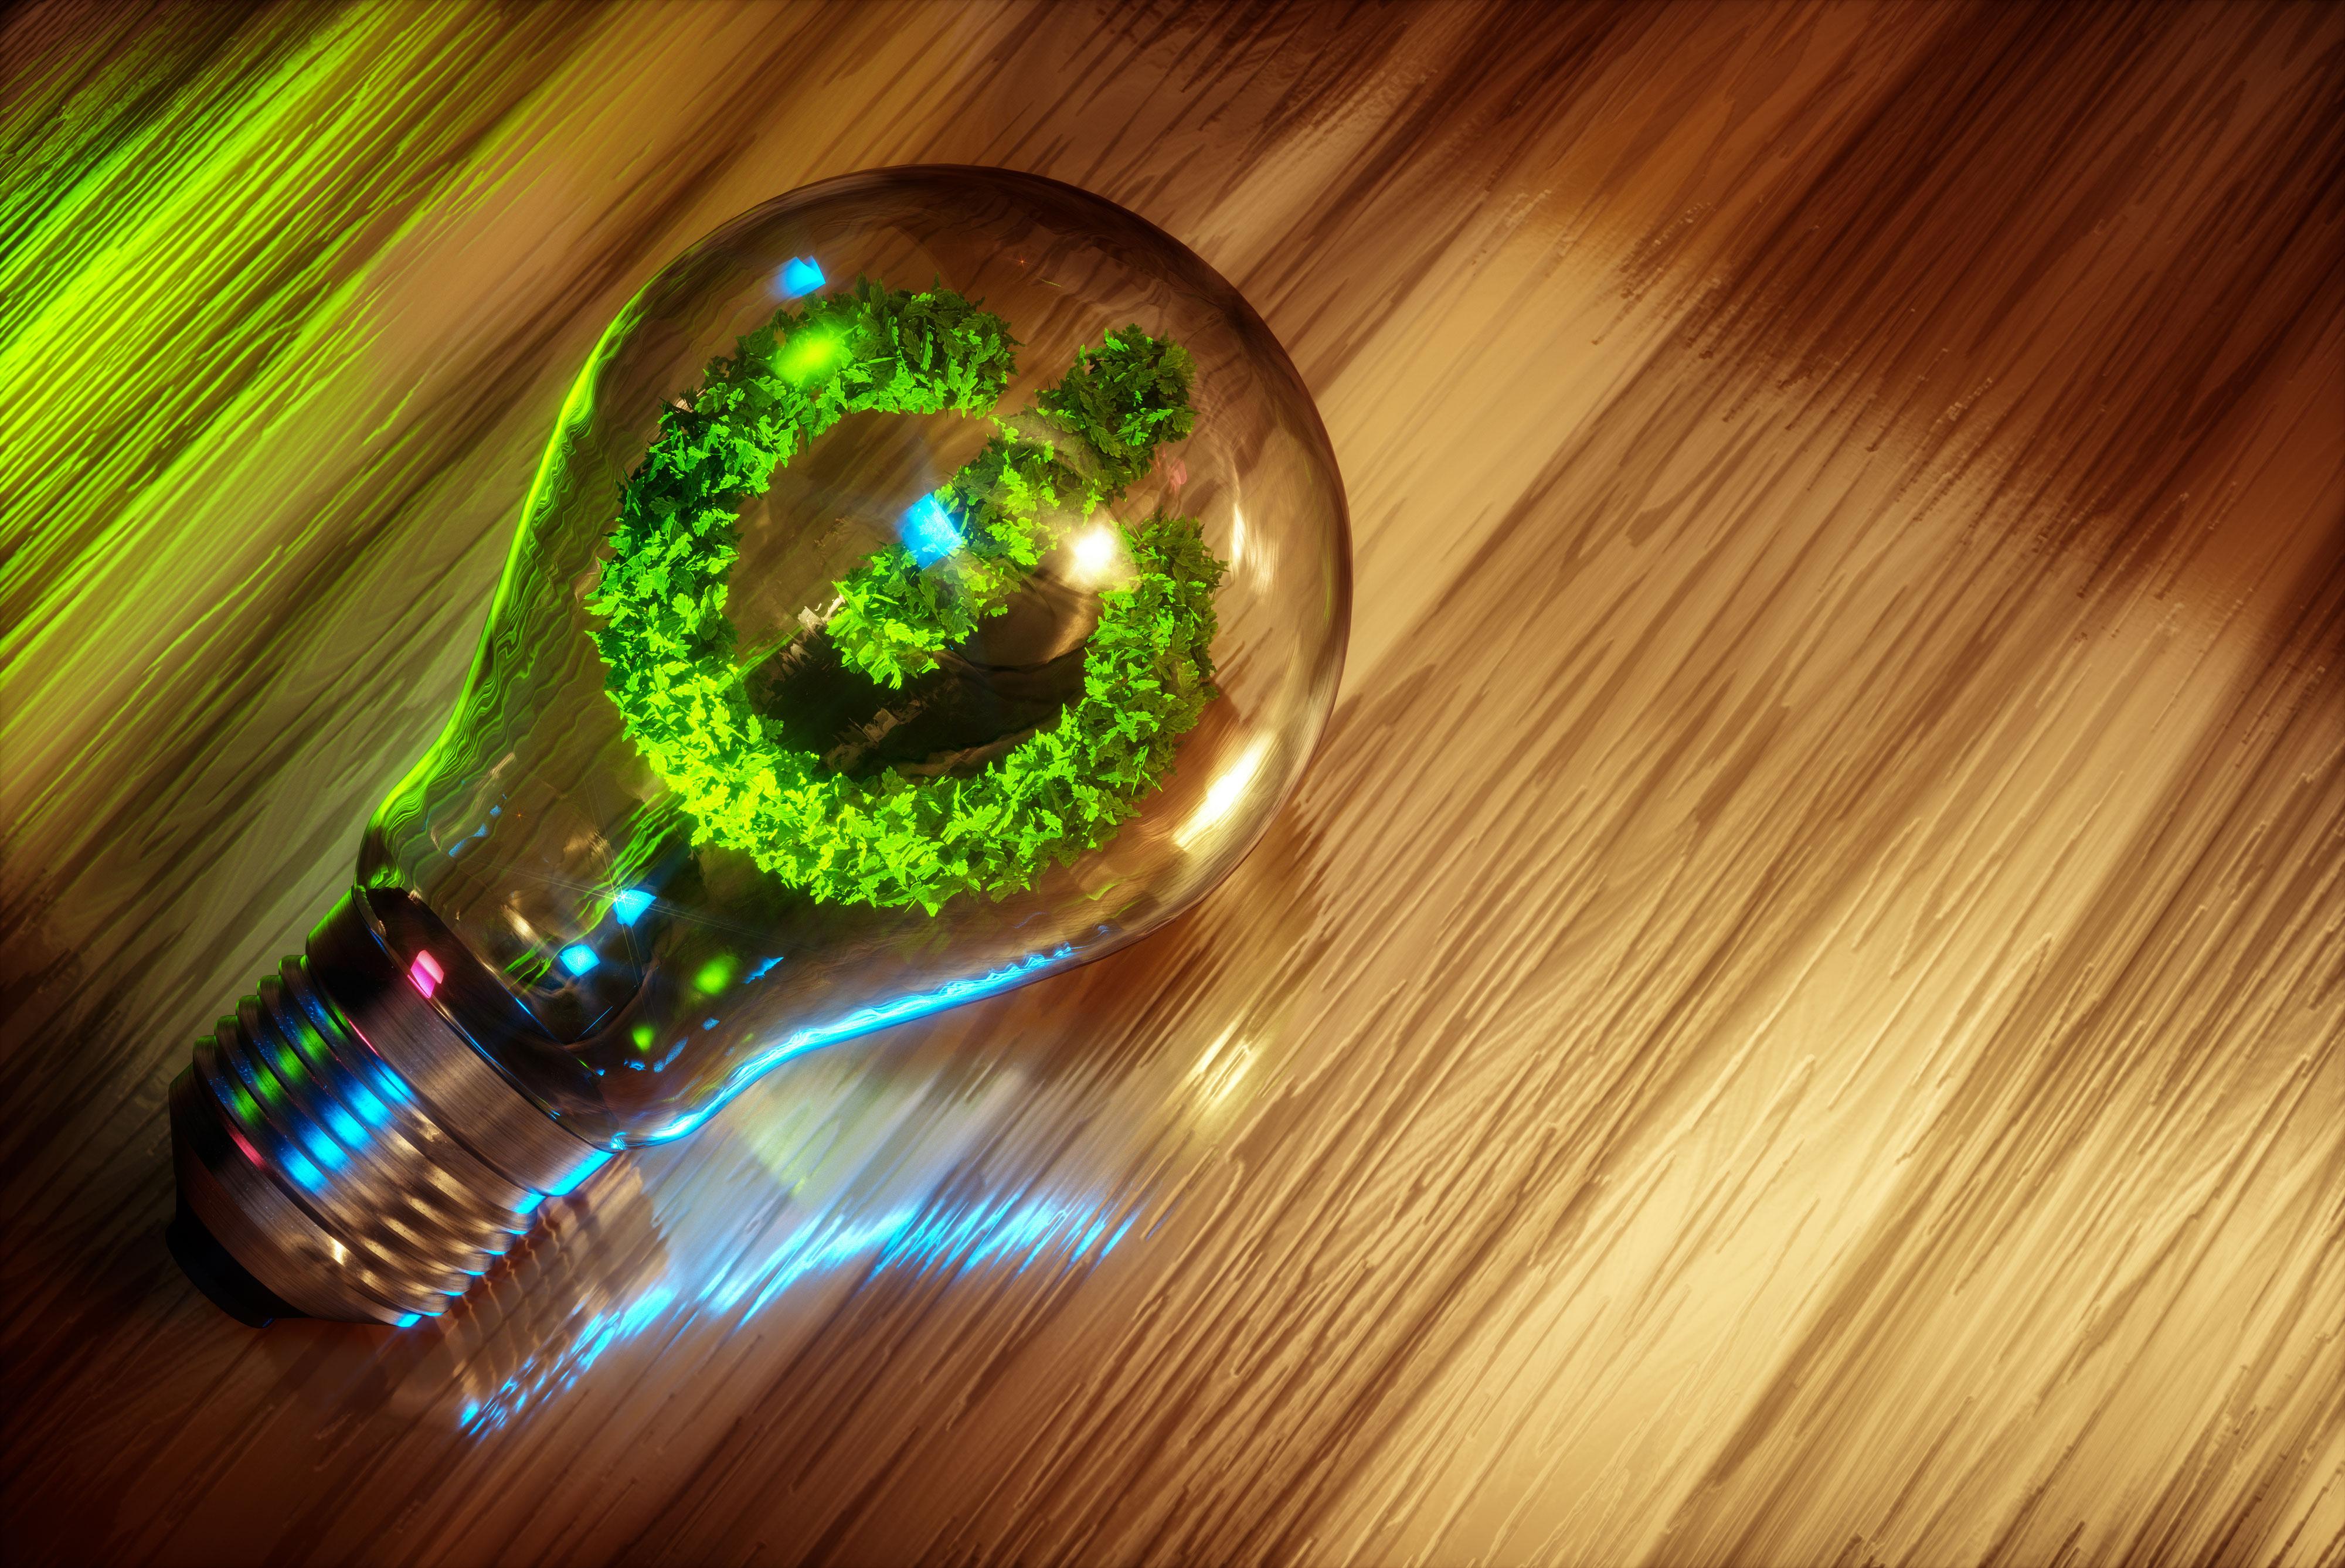 eficiencia energética en electrodomésticos